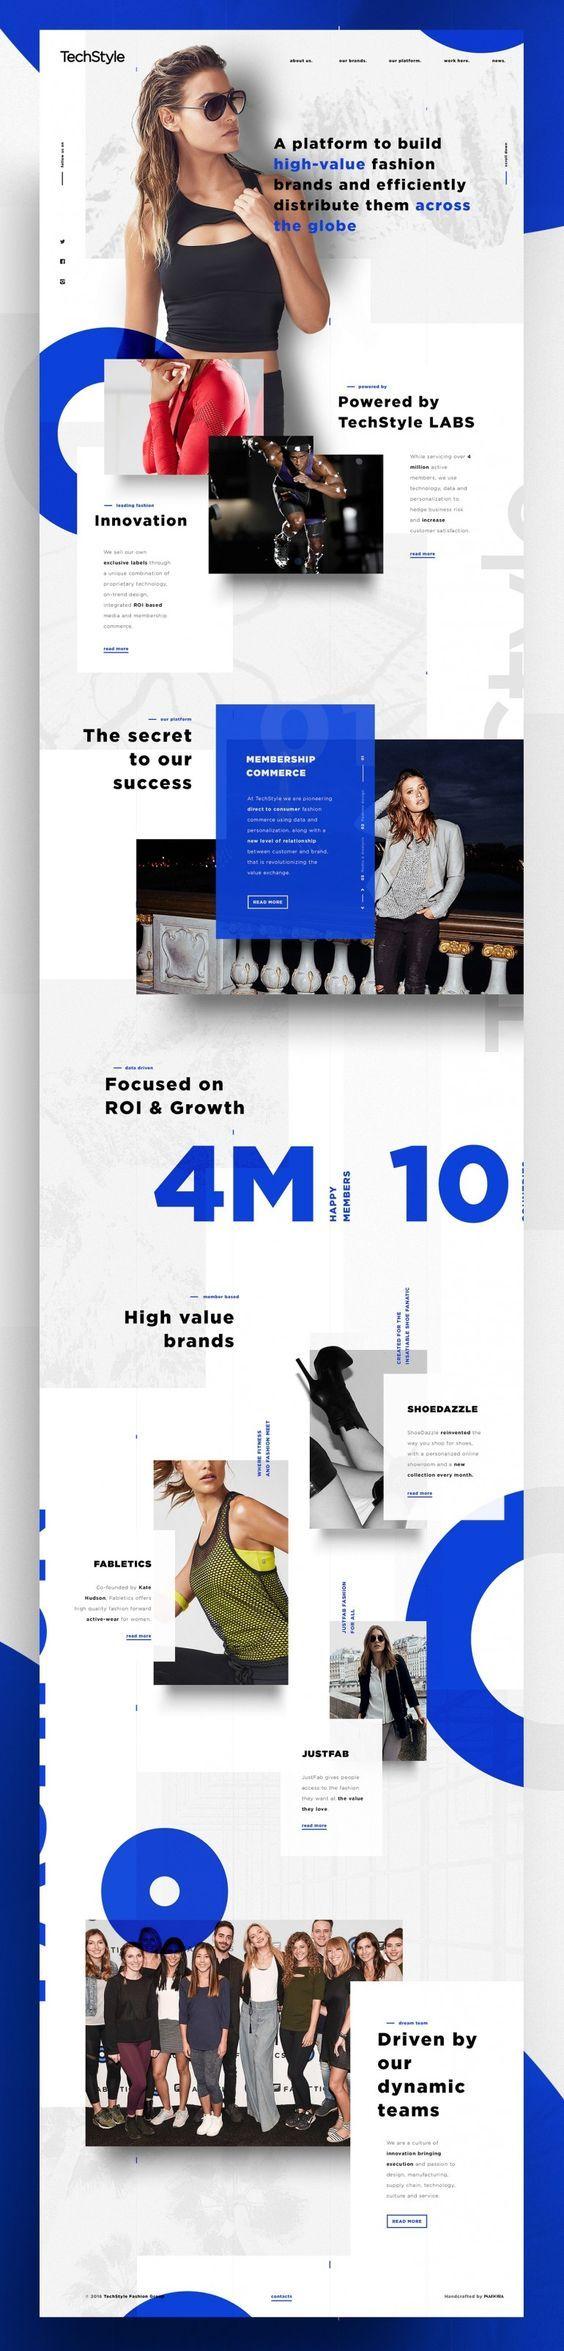 15037 best Website Design Ideas images on Pinterest | Web design ...